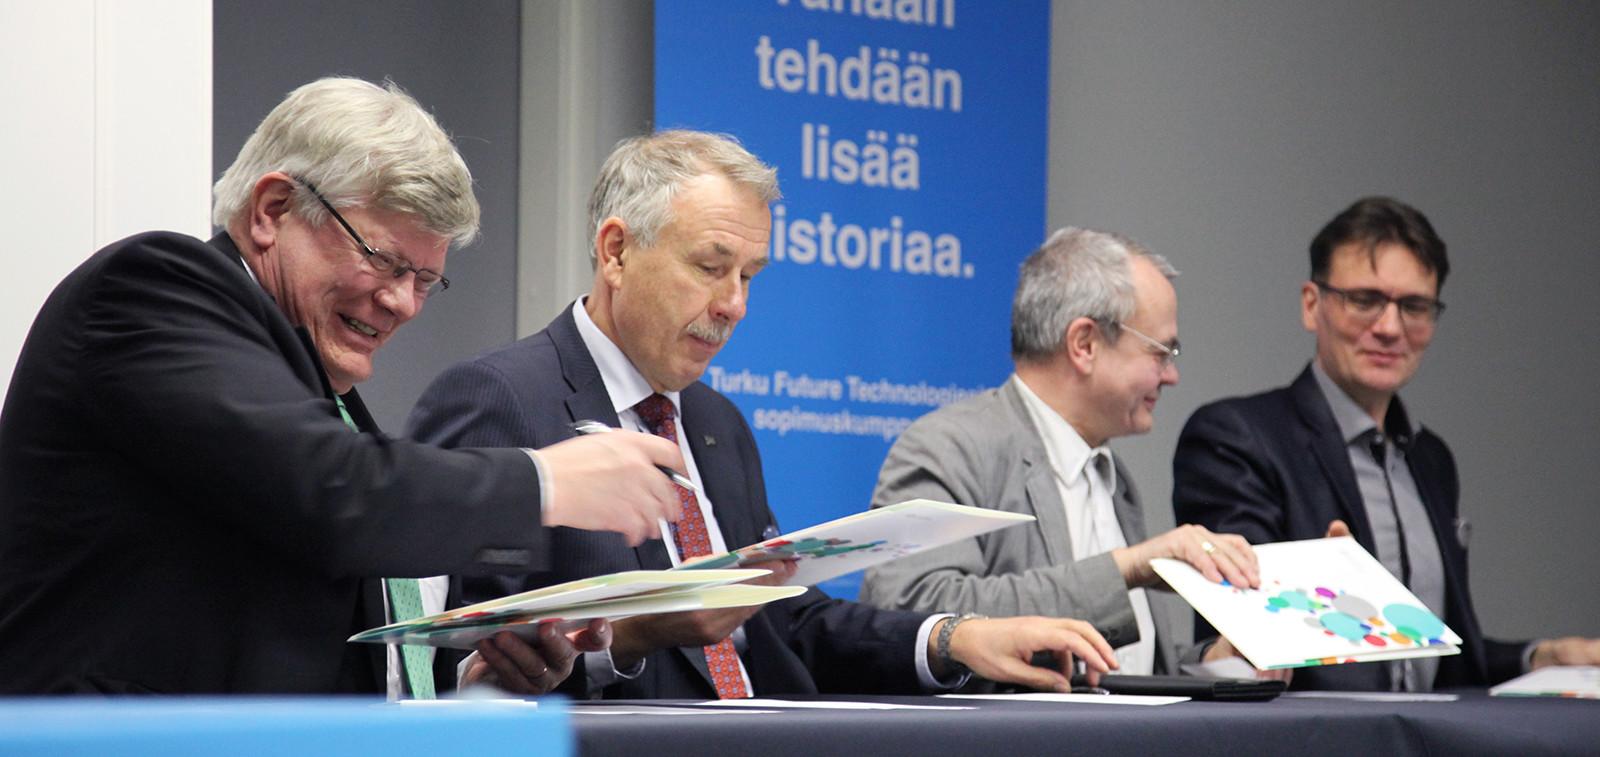 Ett avtal om att utöka den tekniska utbildningen vid västkusten tecknades 12.11.2015.